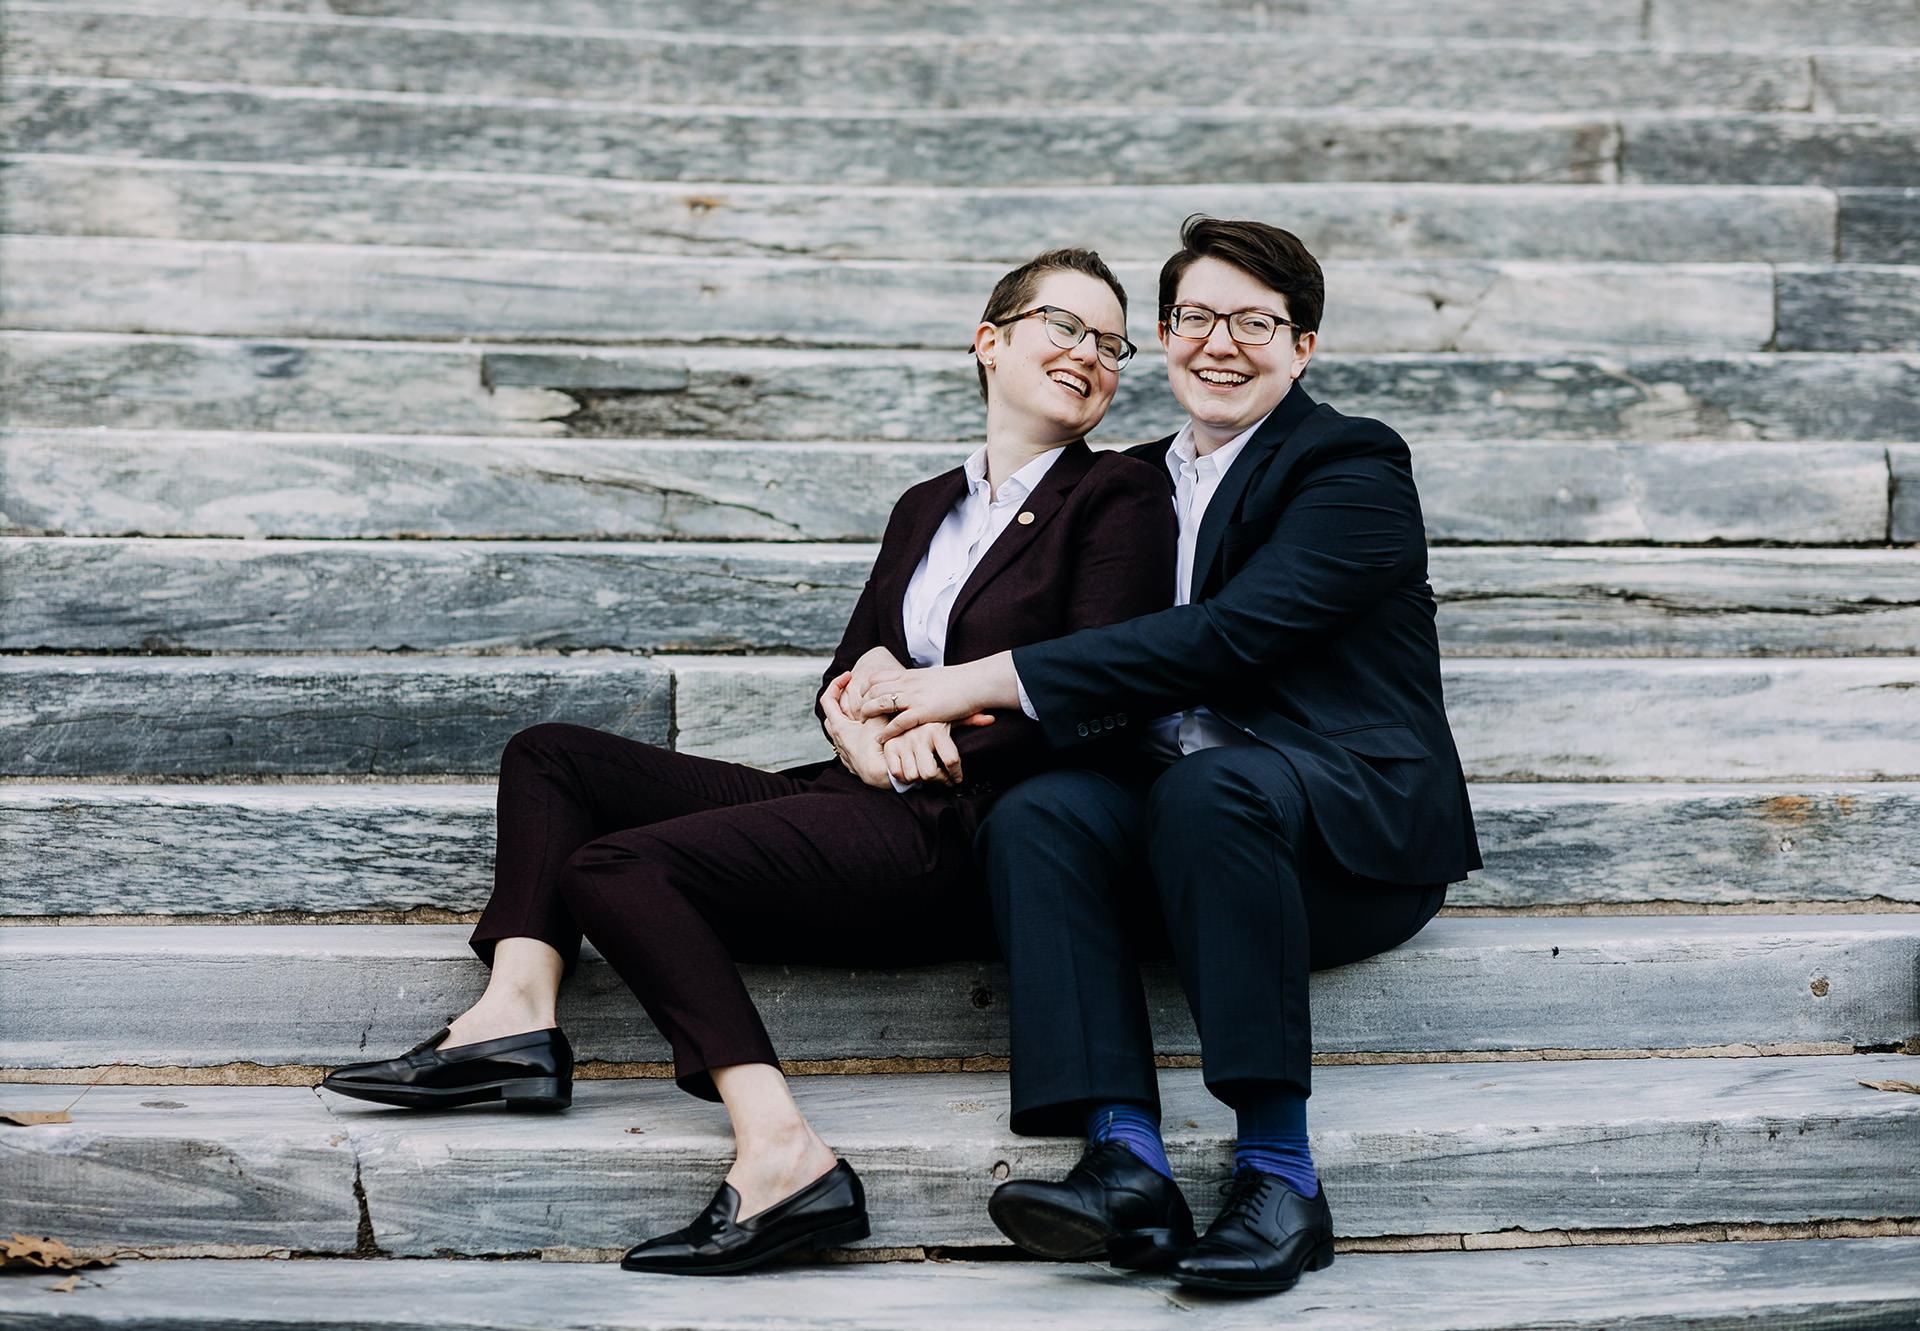 LIZ & TERESA - HOTEL MONACO WEDDING | PHILADELPHIA